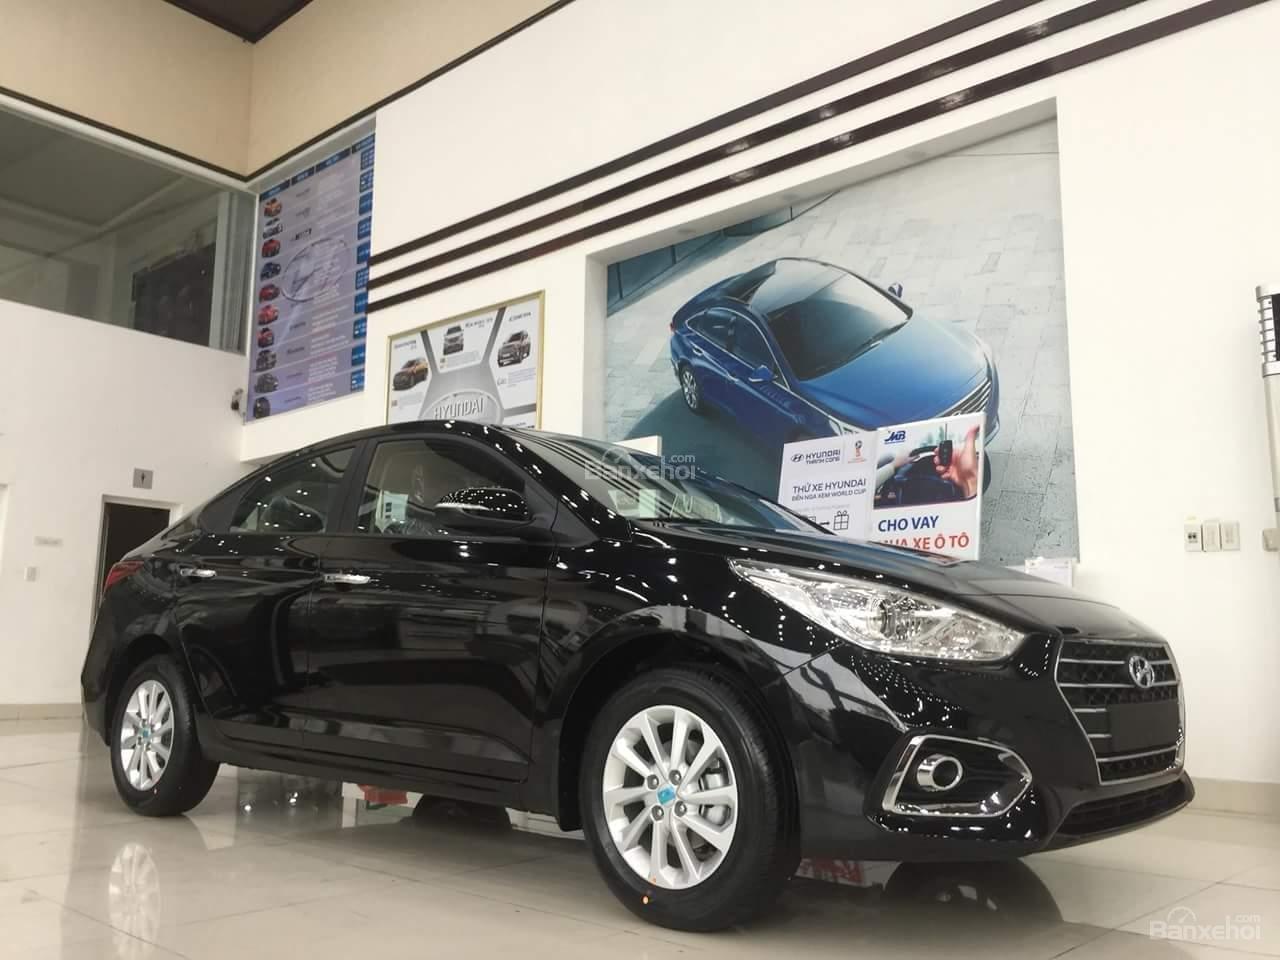 [Hyundai Kinh Dương Vương] Accent trả trước 140tr, tặng gói phụ kiện, góp ngân hàng chỉ từ 0.66%/tháng, LH 0961730817-2